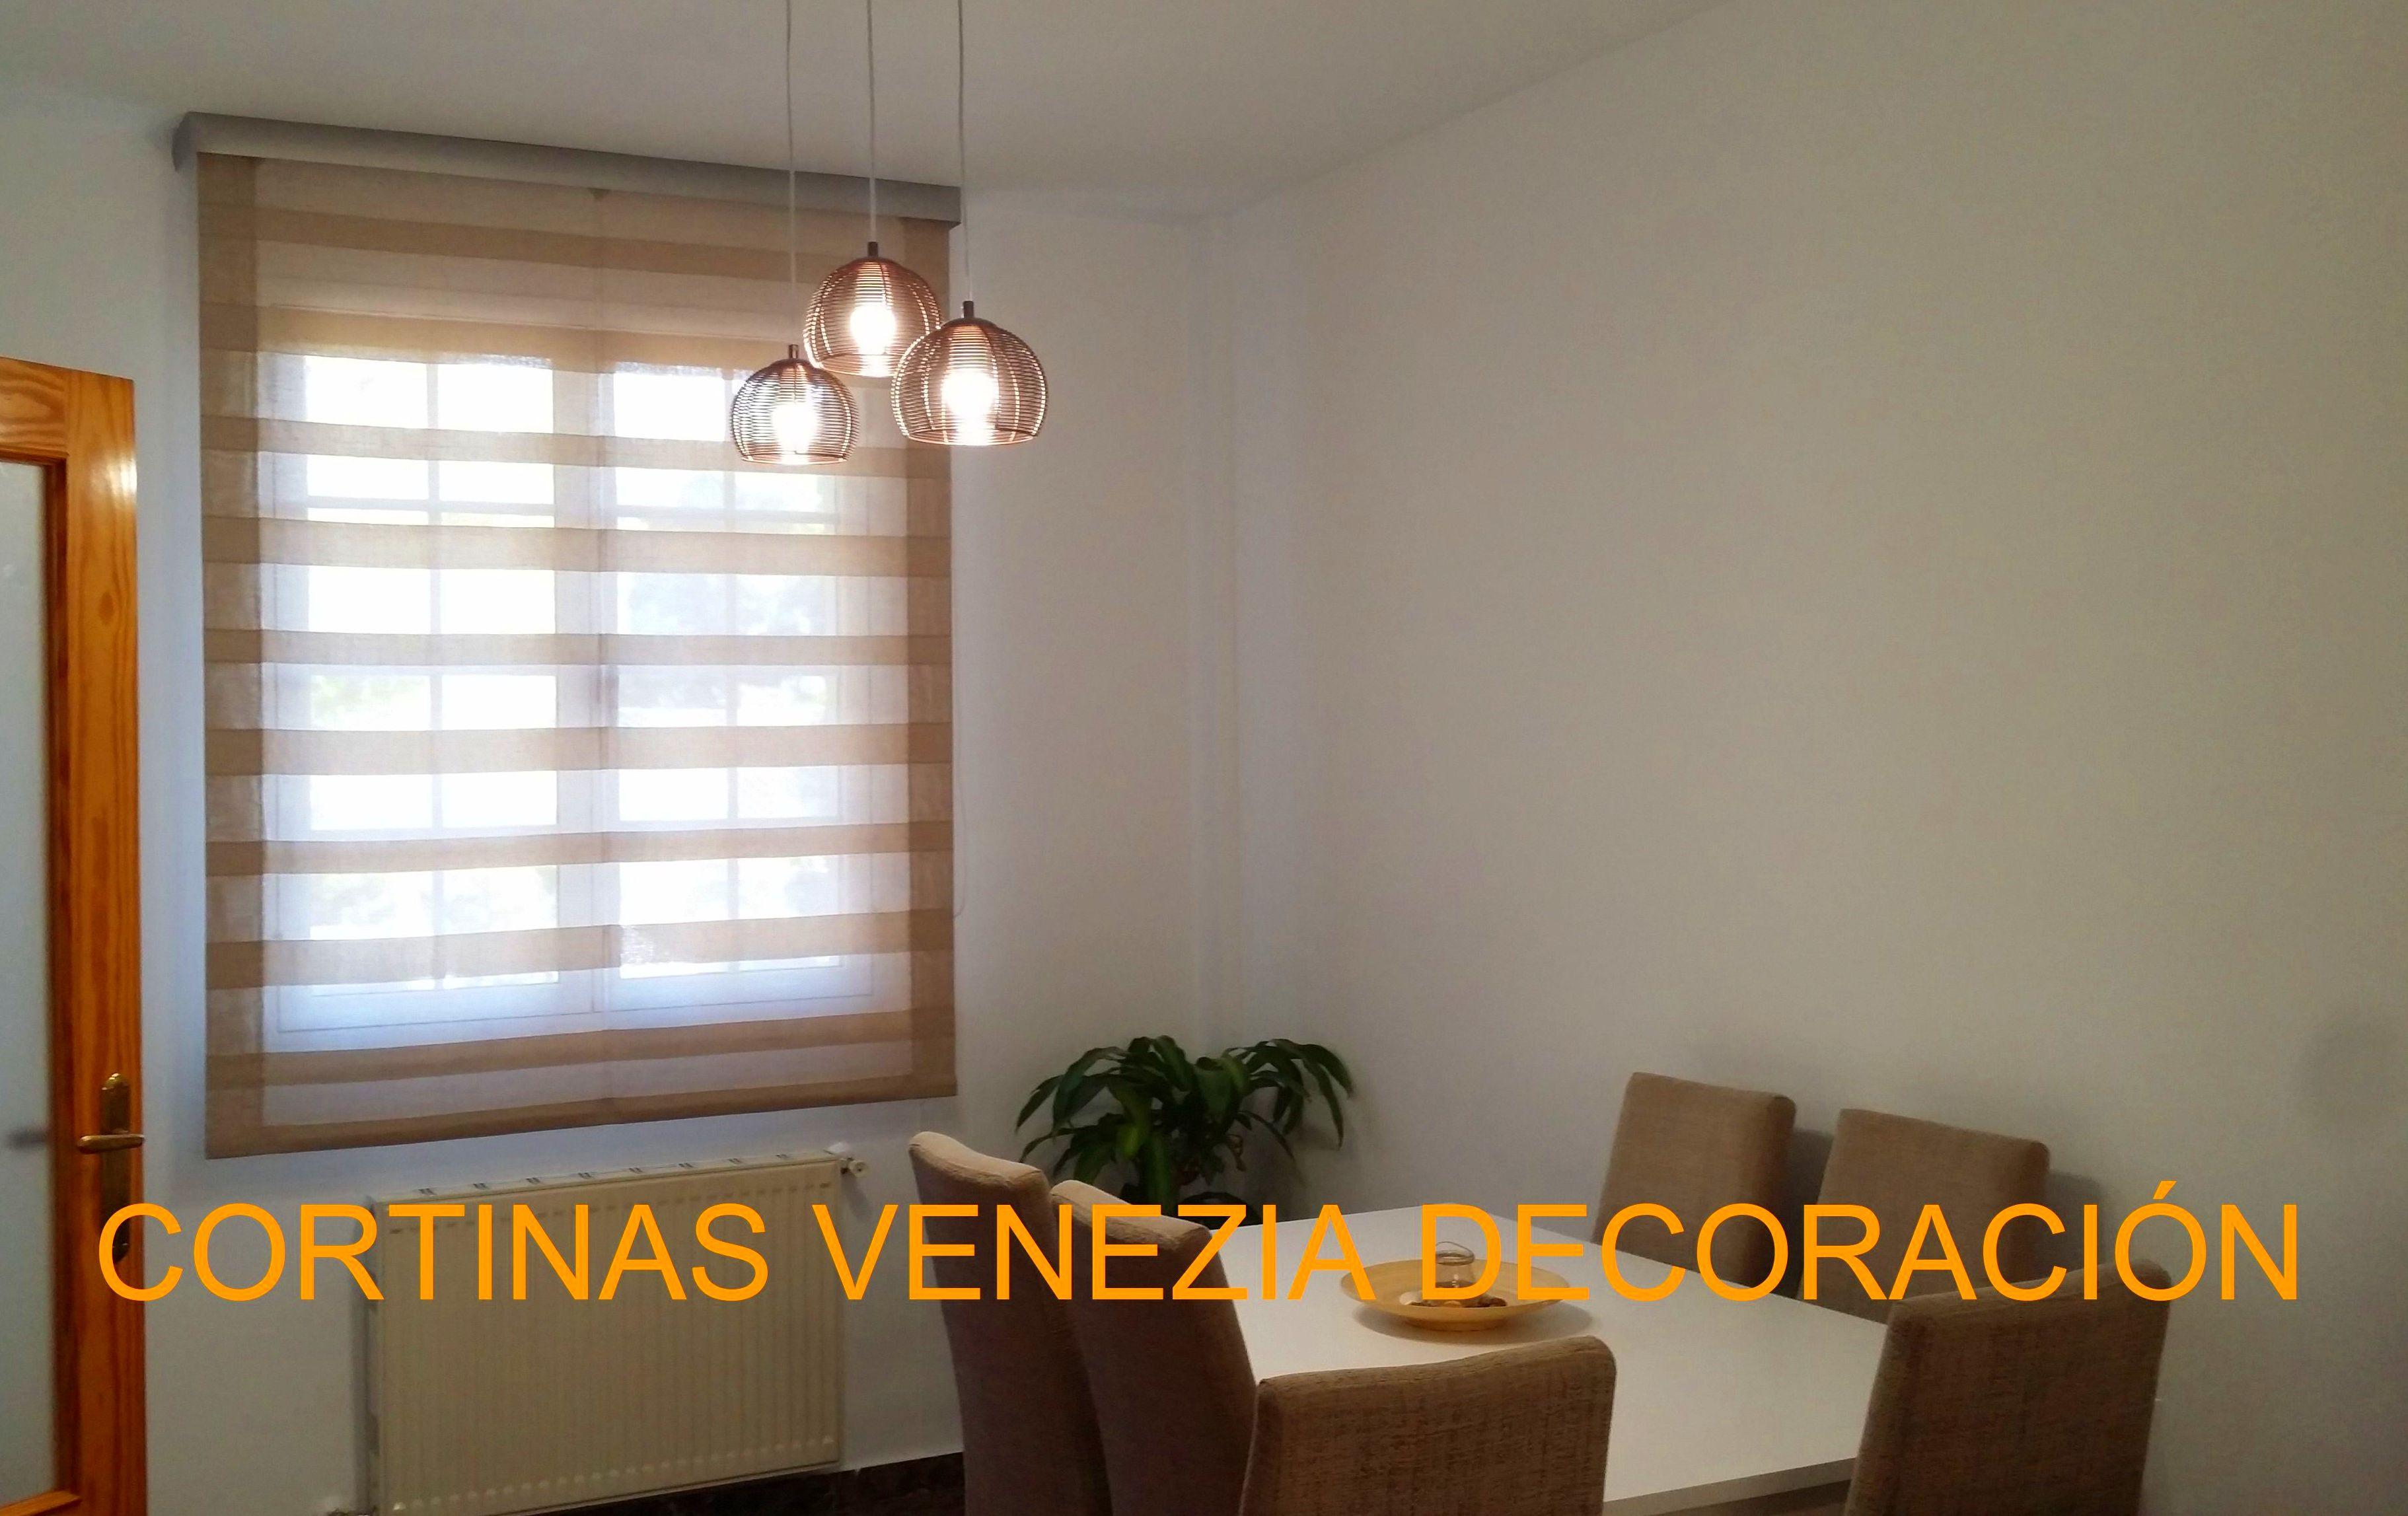 Foto 112 de Cortinas en Albacete | Venezia Decoración